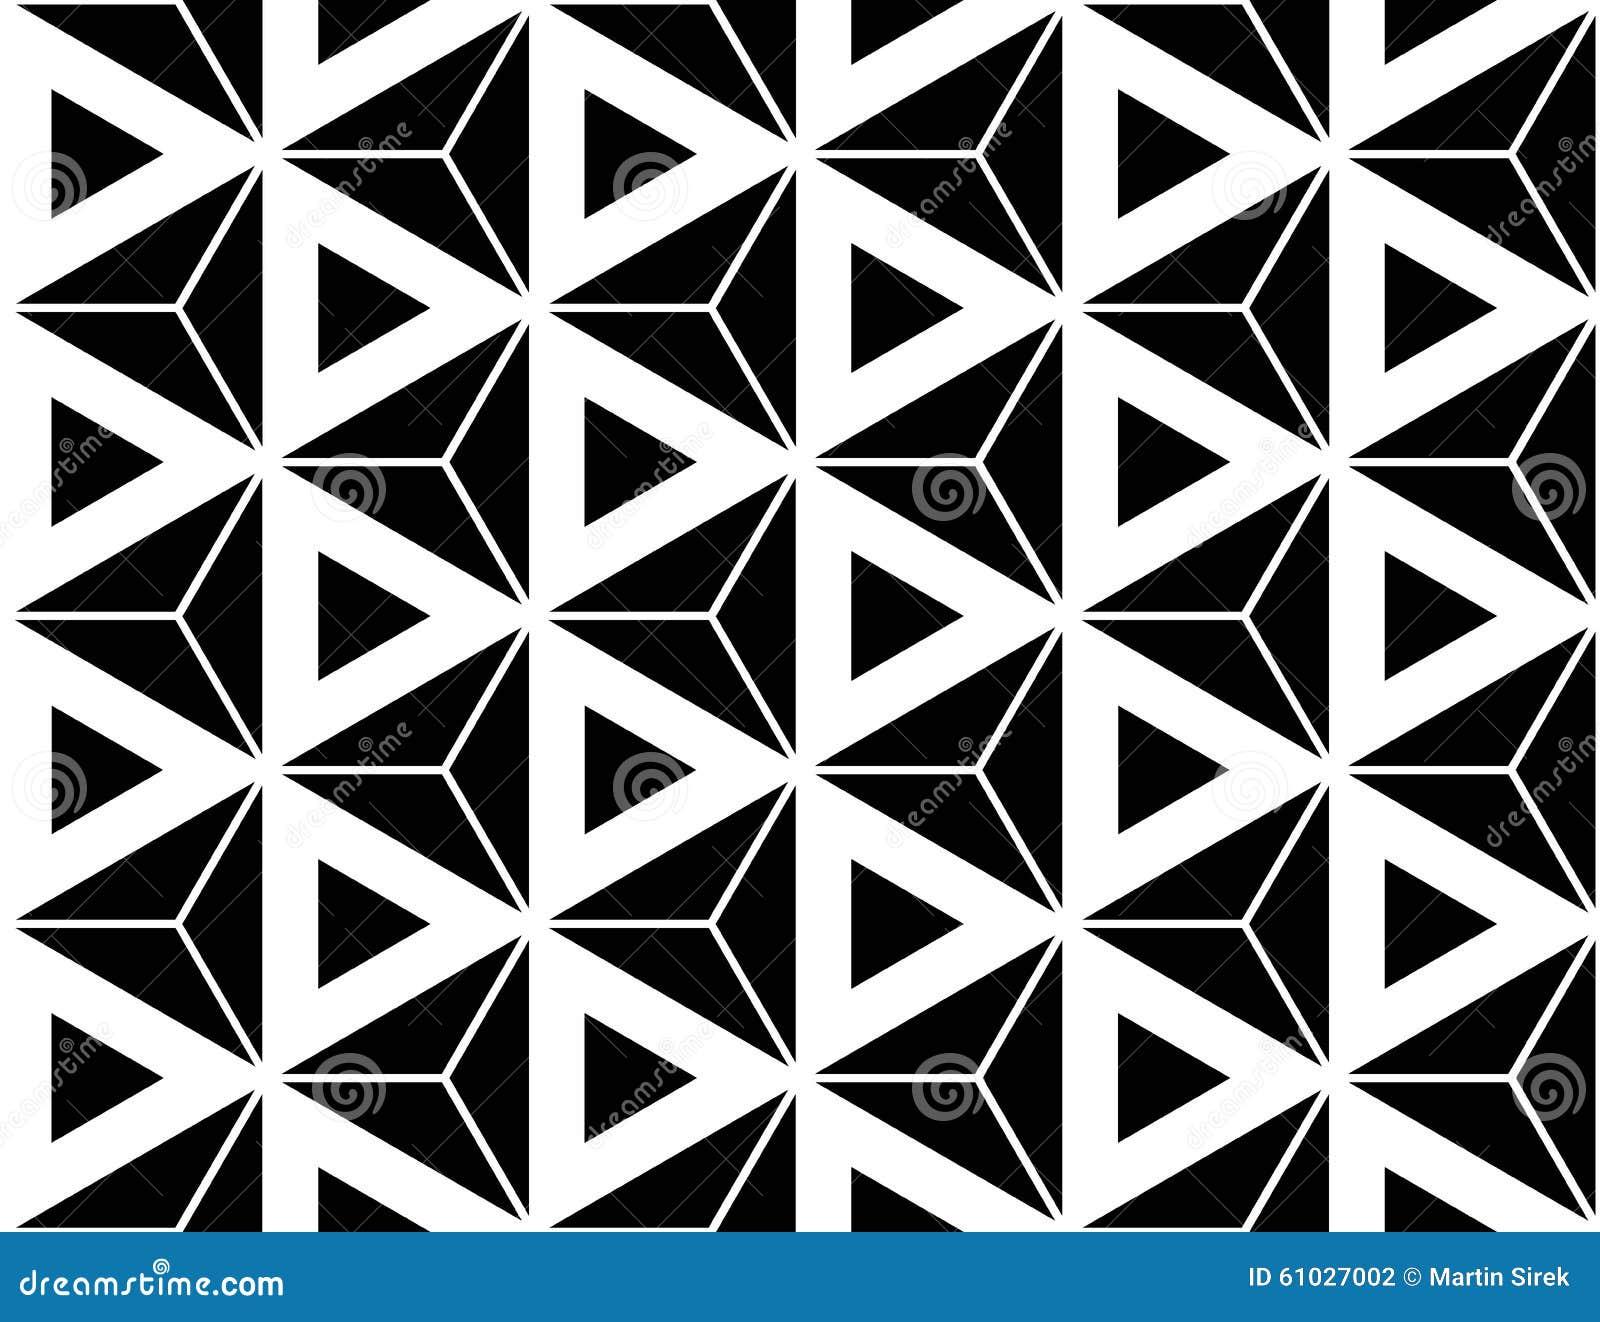 Διανυσματικά σύγχρονα άνευ ραφής ιερά hexagon τρίγωνα σχεδίων γεωμετρίας, γραπτή περίληψη